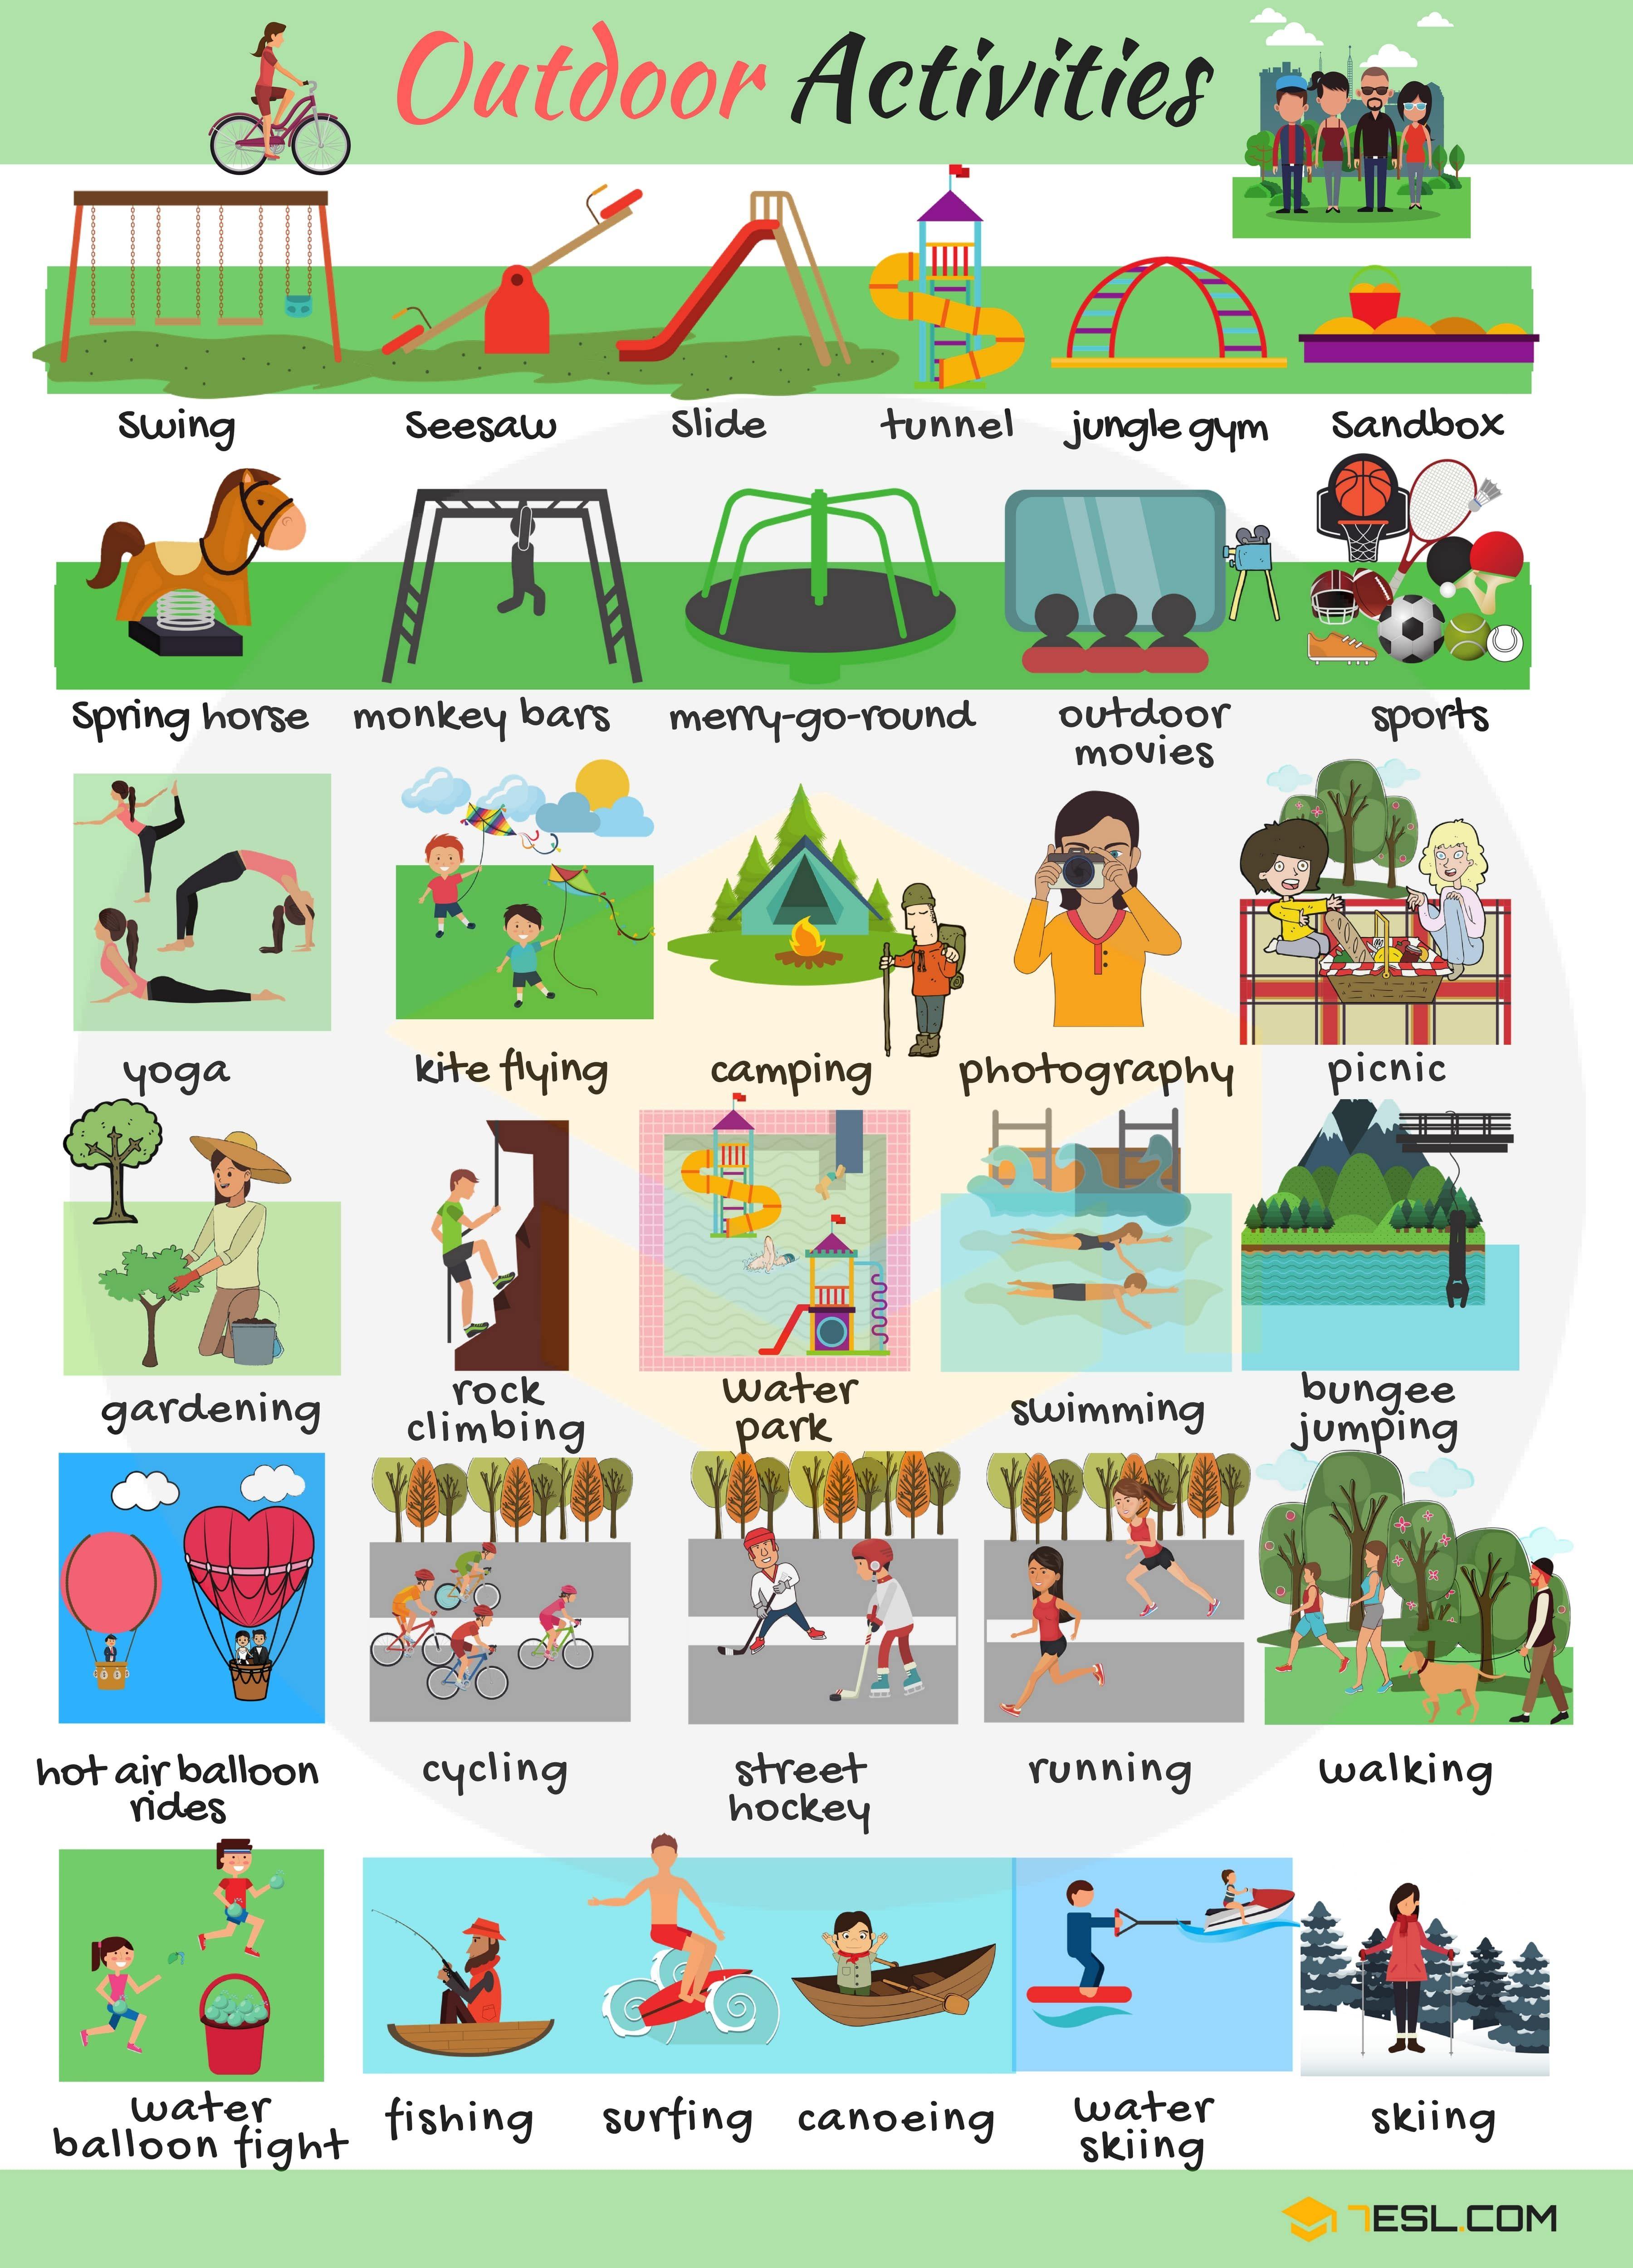 Outdoor Activities List Of Outdoor Activities With